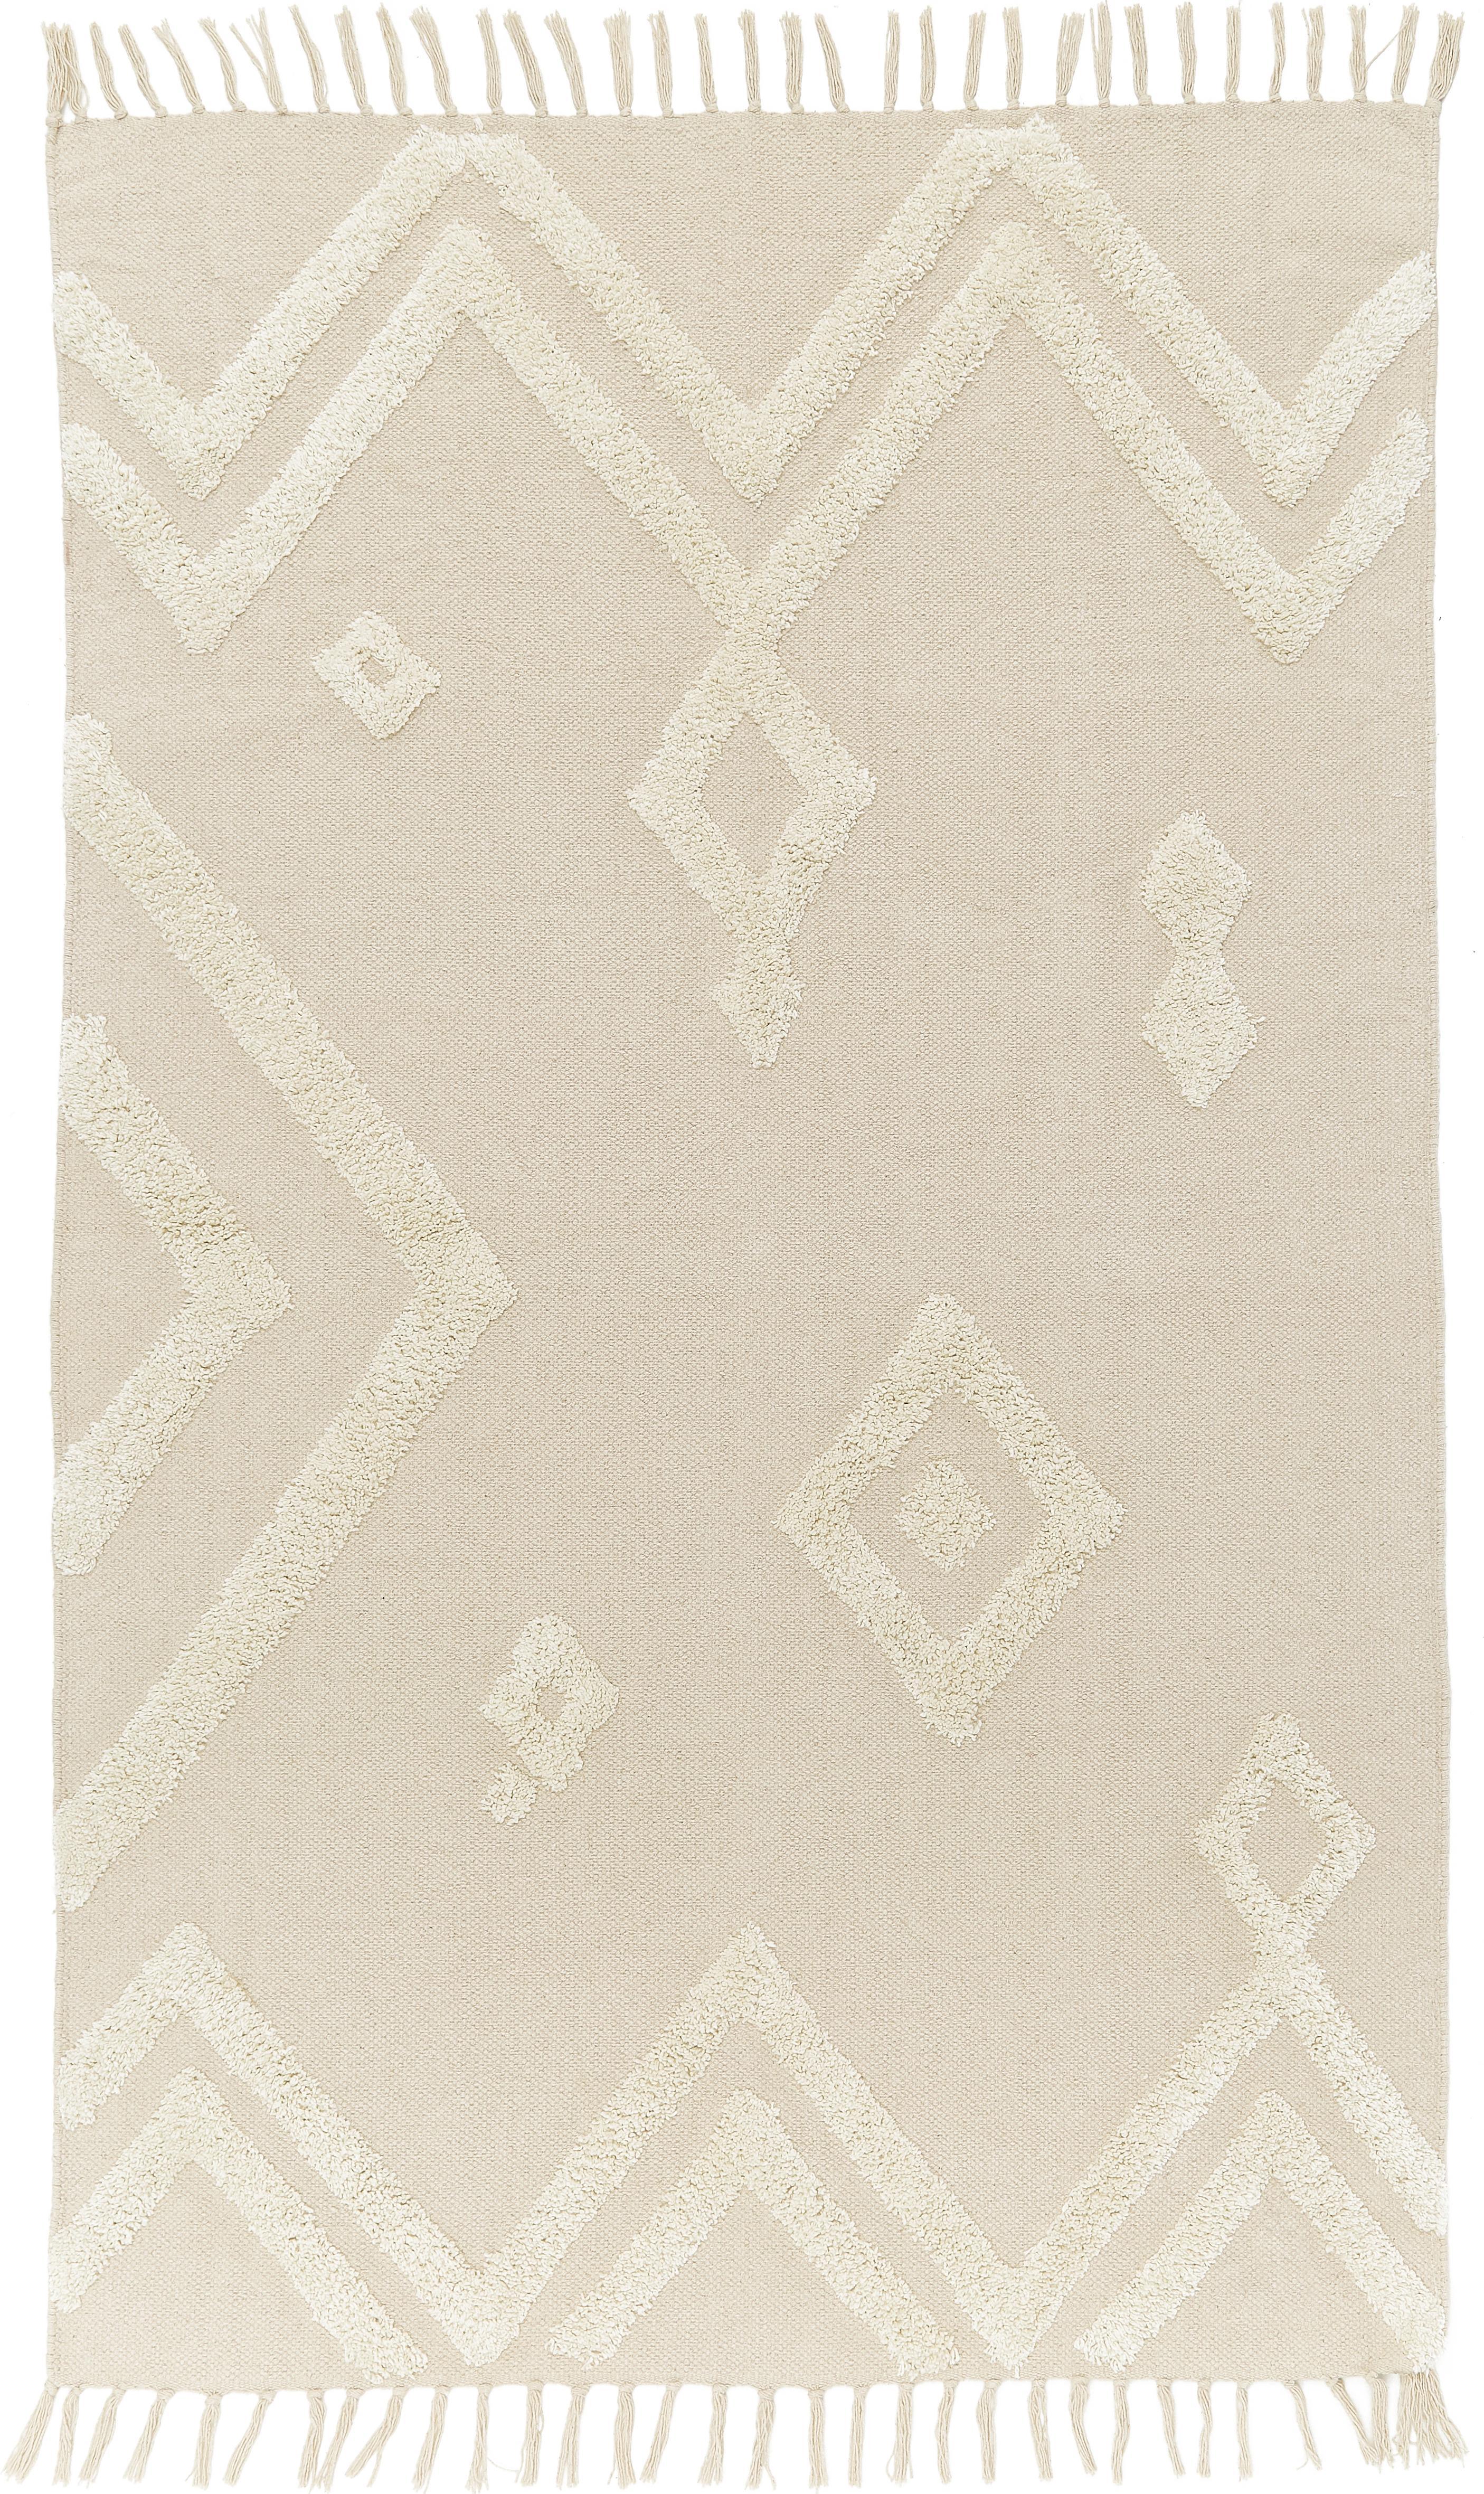 Dywan z wypukłym wzorem Canvas, Bawełna, Złamana biel, S 150 x D 200 cm (Rozmiar S)